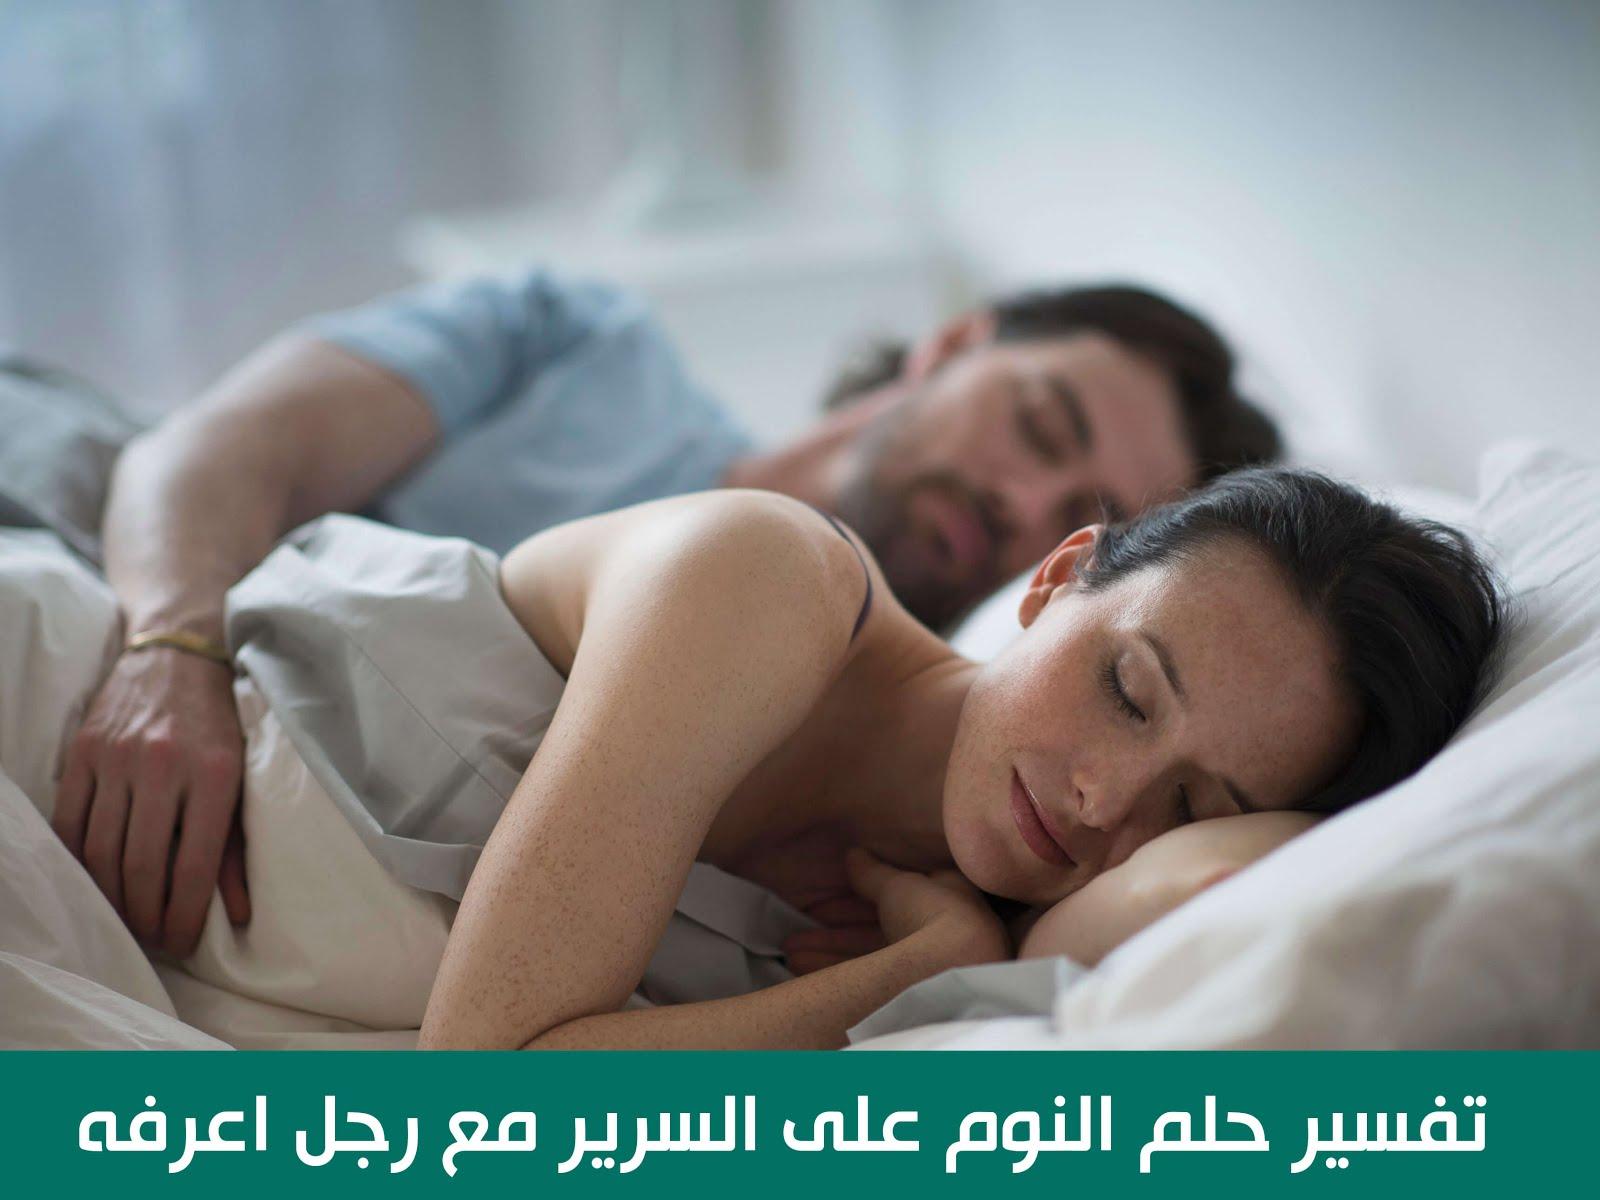 خضروات عرض الإنترنت مشرق تفسير حلم النوم مع رجل Thibaupsy Fr